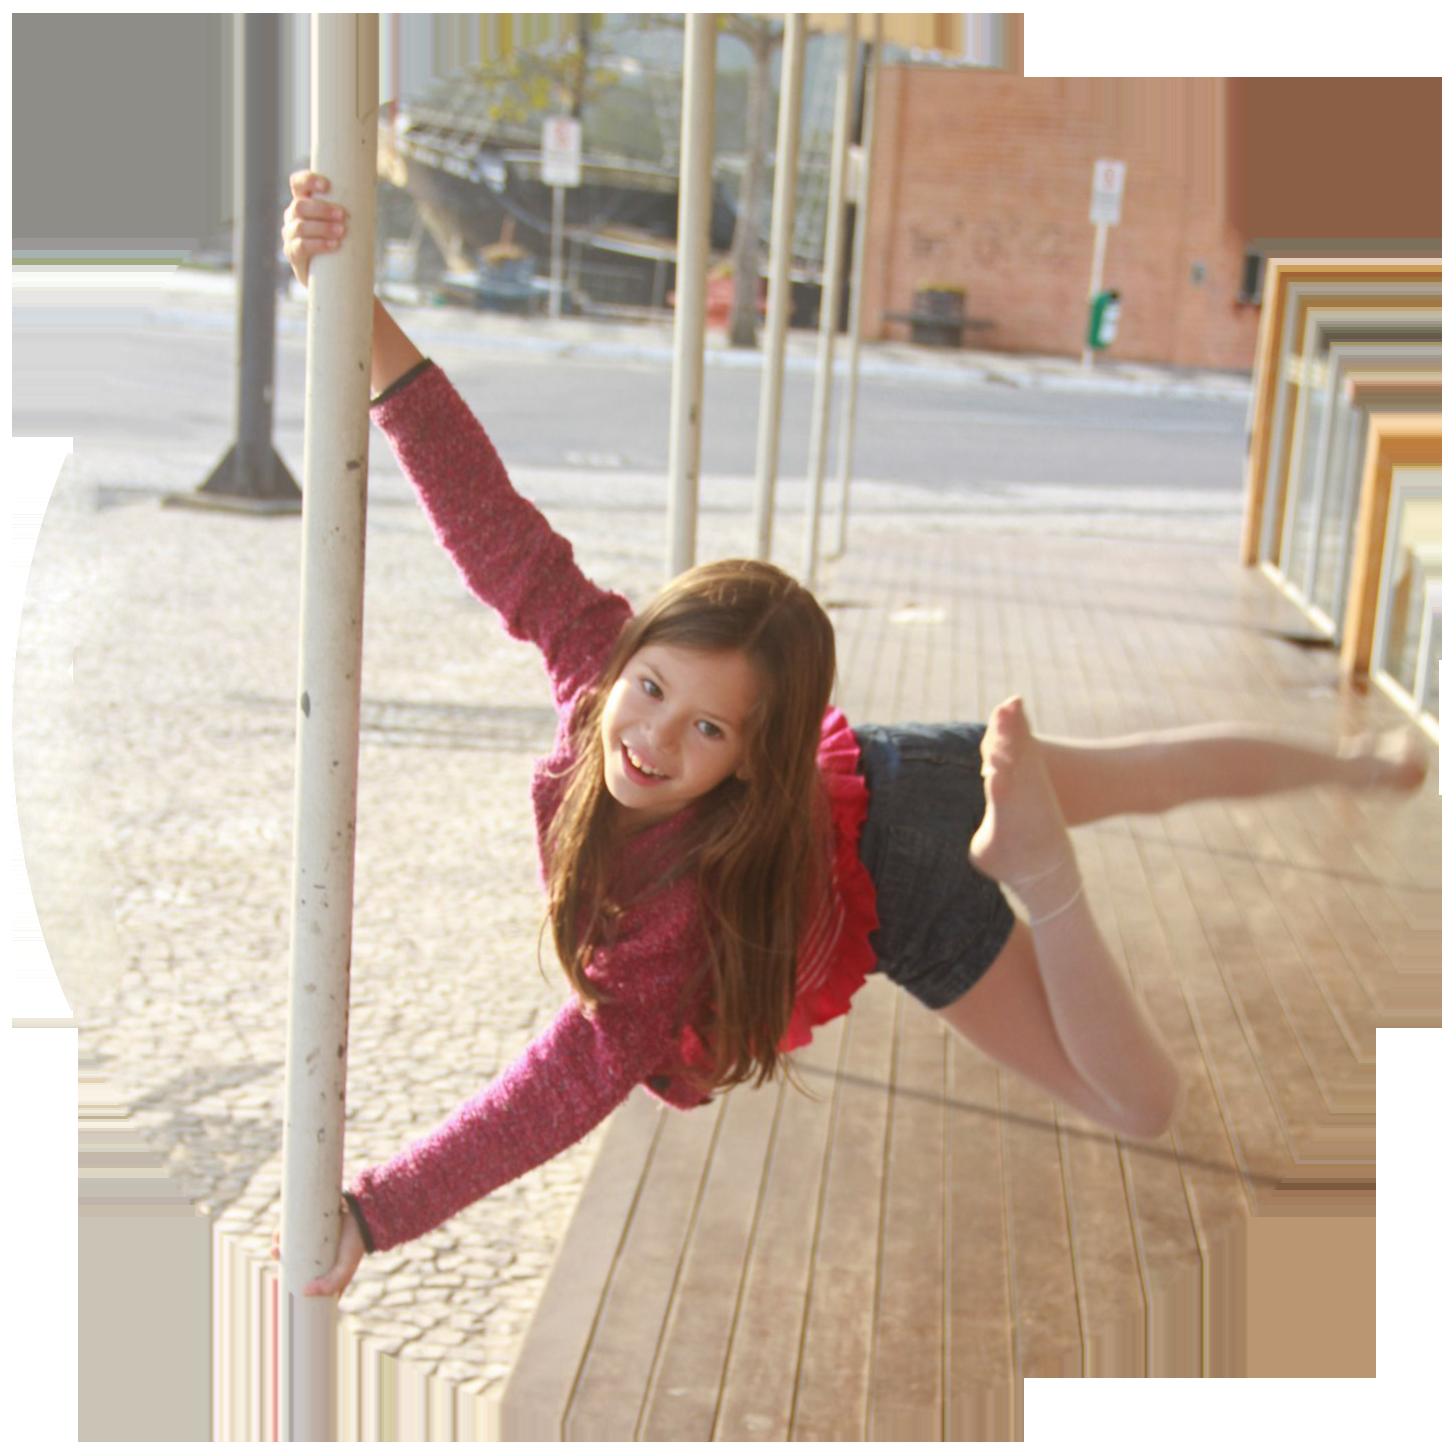 Pole kids - Пол Денс для детей (танец на пилоне для детей)3